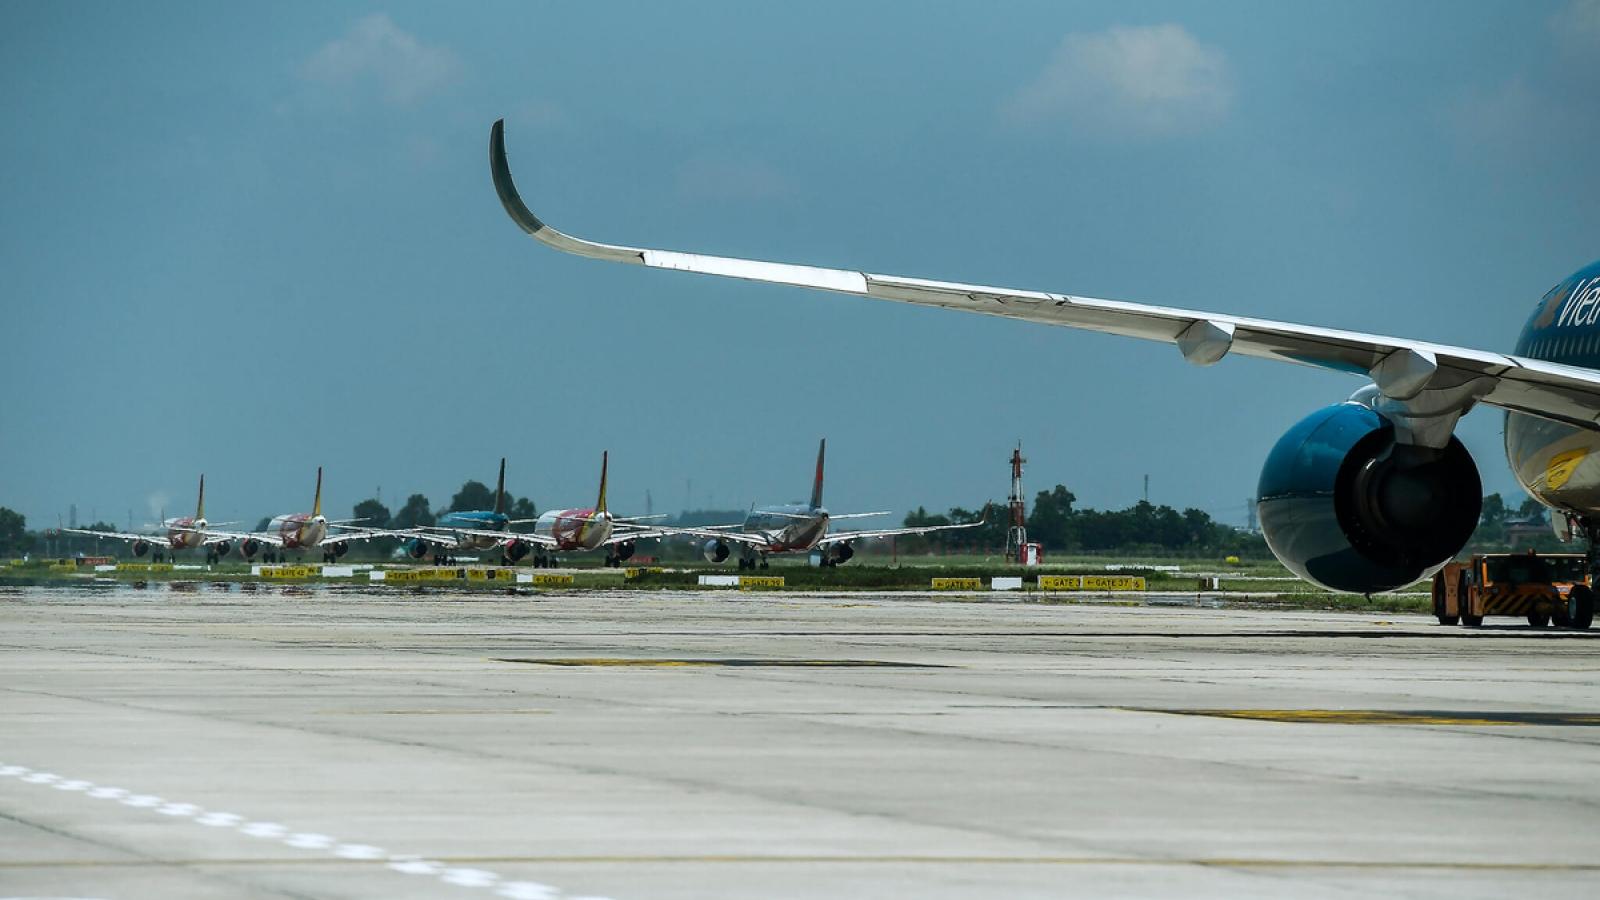 Sân bay Nội Bài sẽ có 4 đường băng, tránh phải điều chỉnh quy hoạch